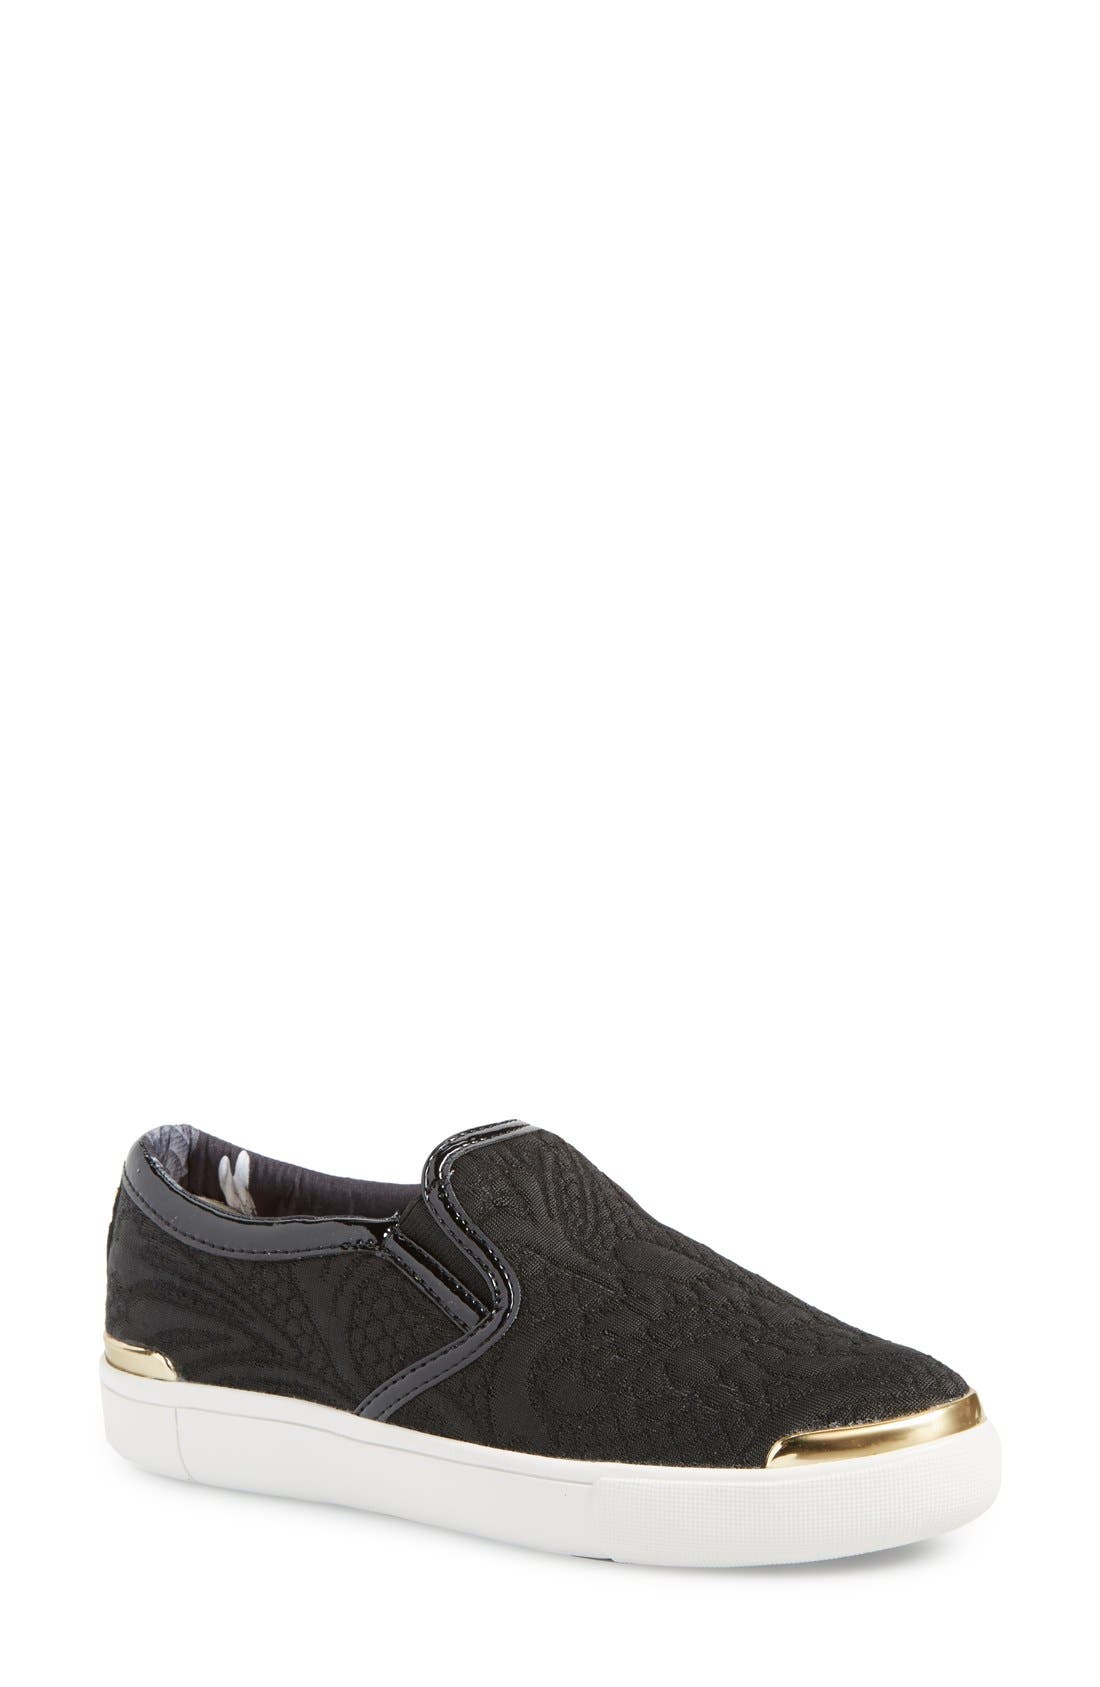 Alternate Image 1 Selected - Ted Baker London 'Mallbeck2' Slip-On Sneaker (Women)